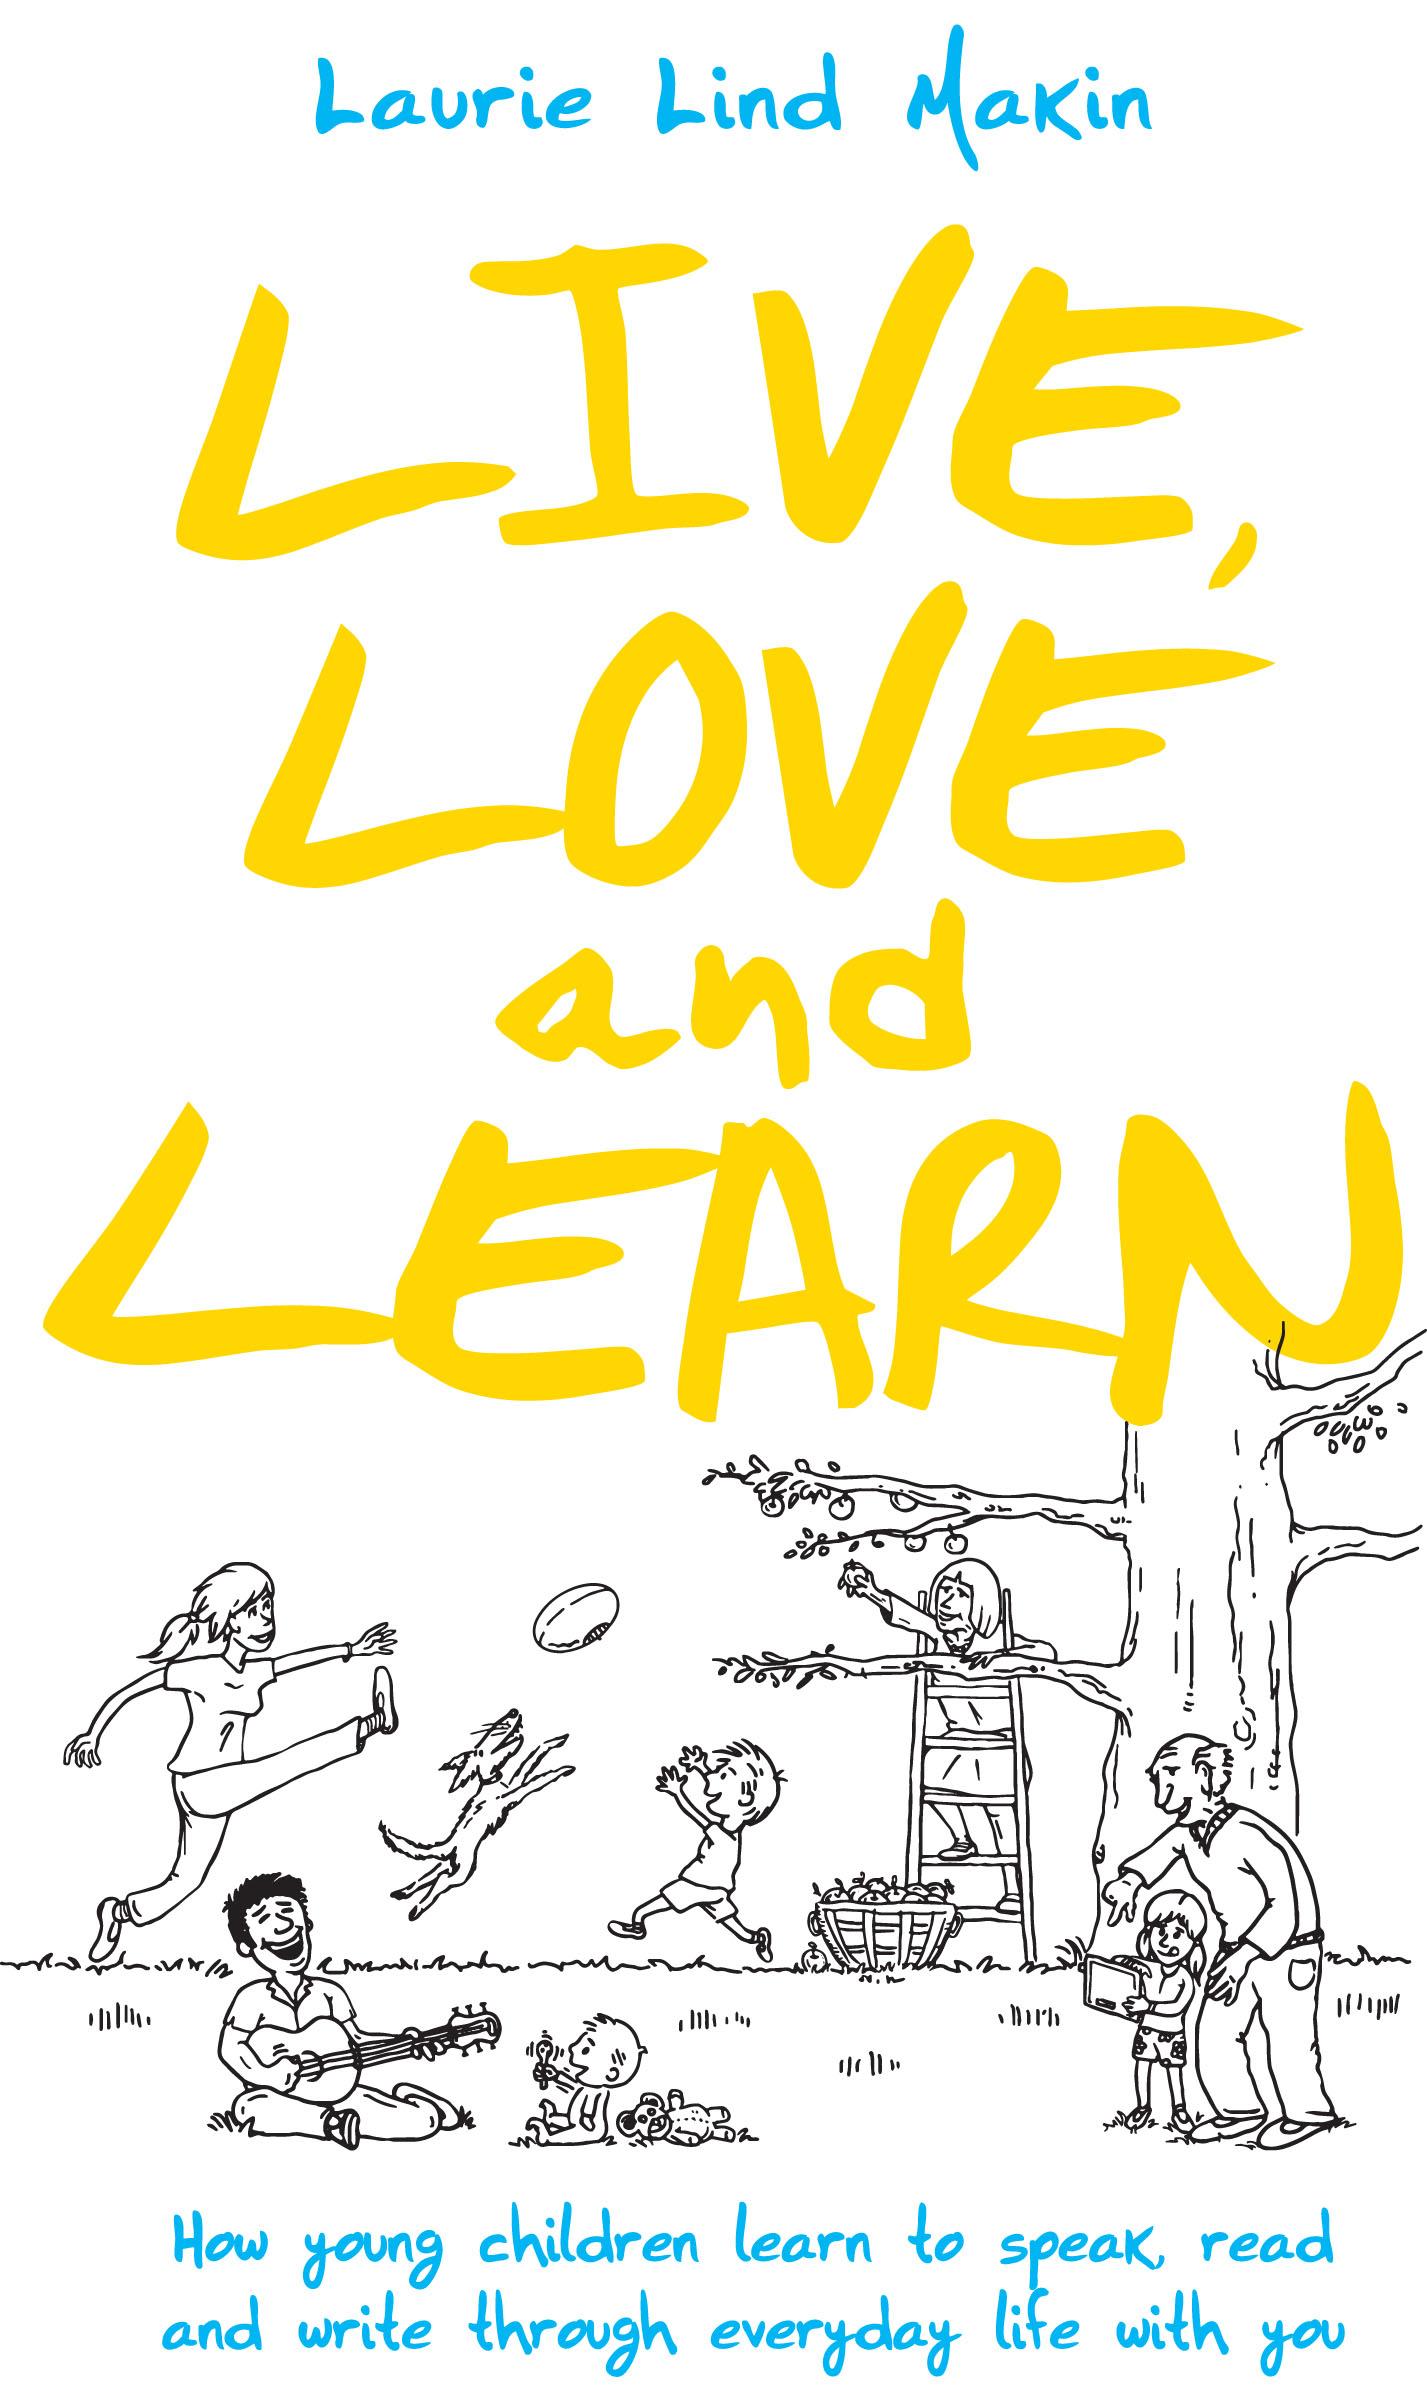 Sondr - Live Love Learn feat. Peg Parnevik (Official Video ...